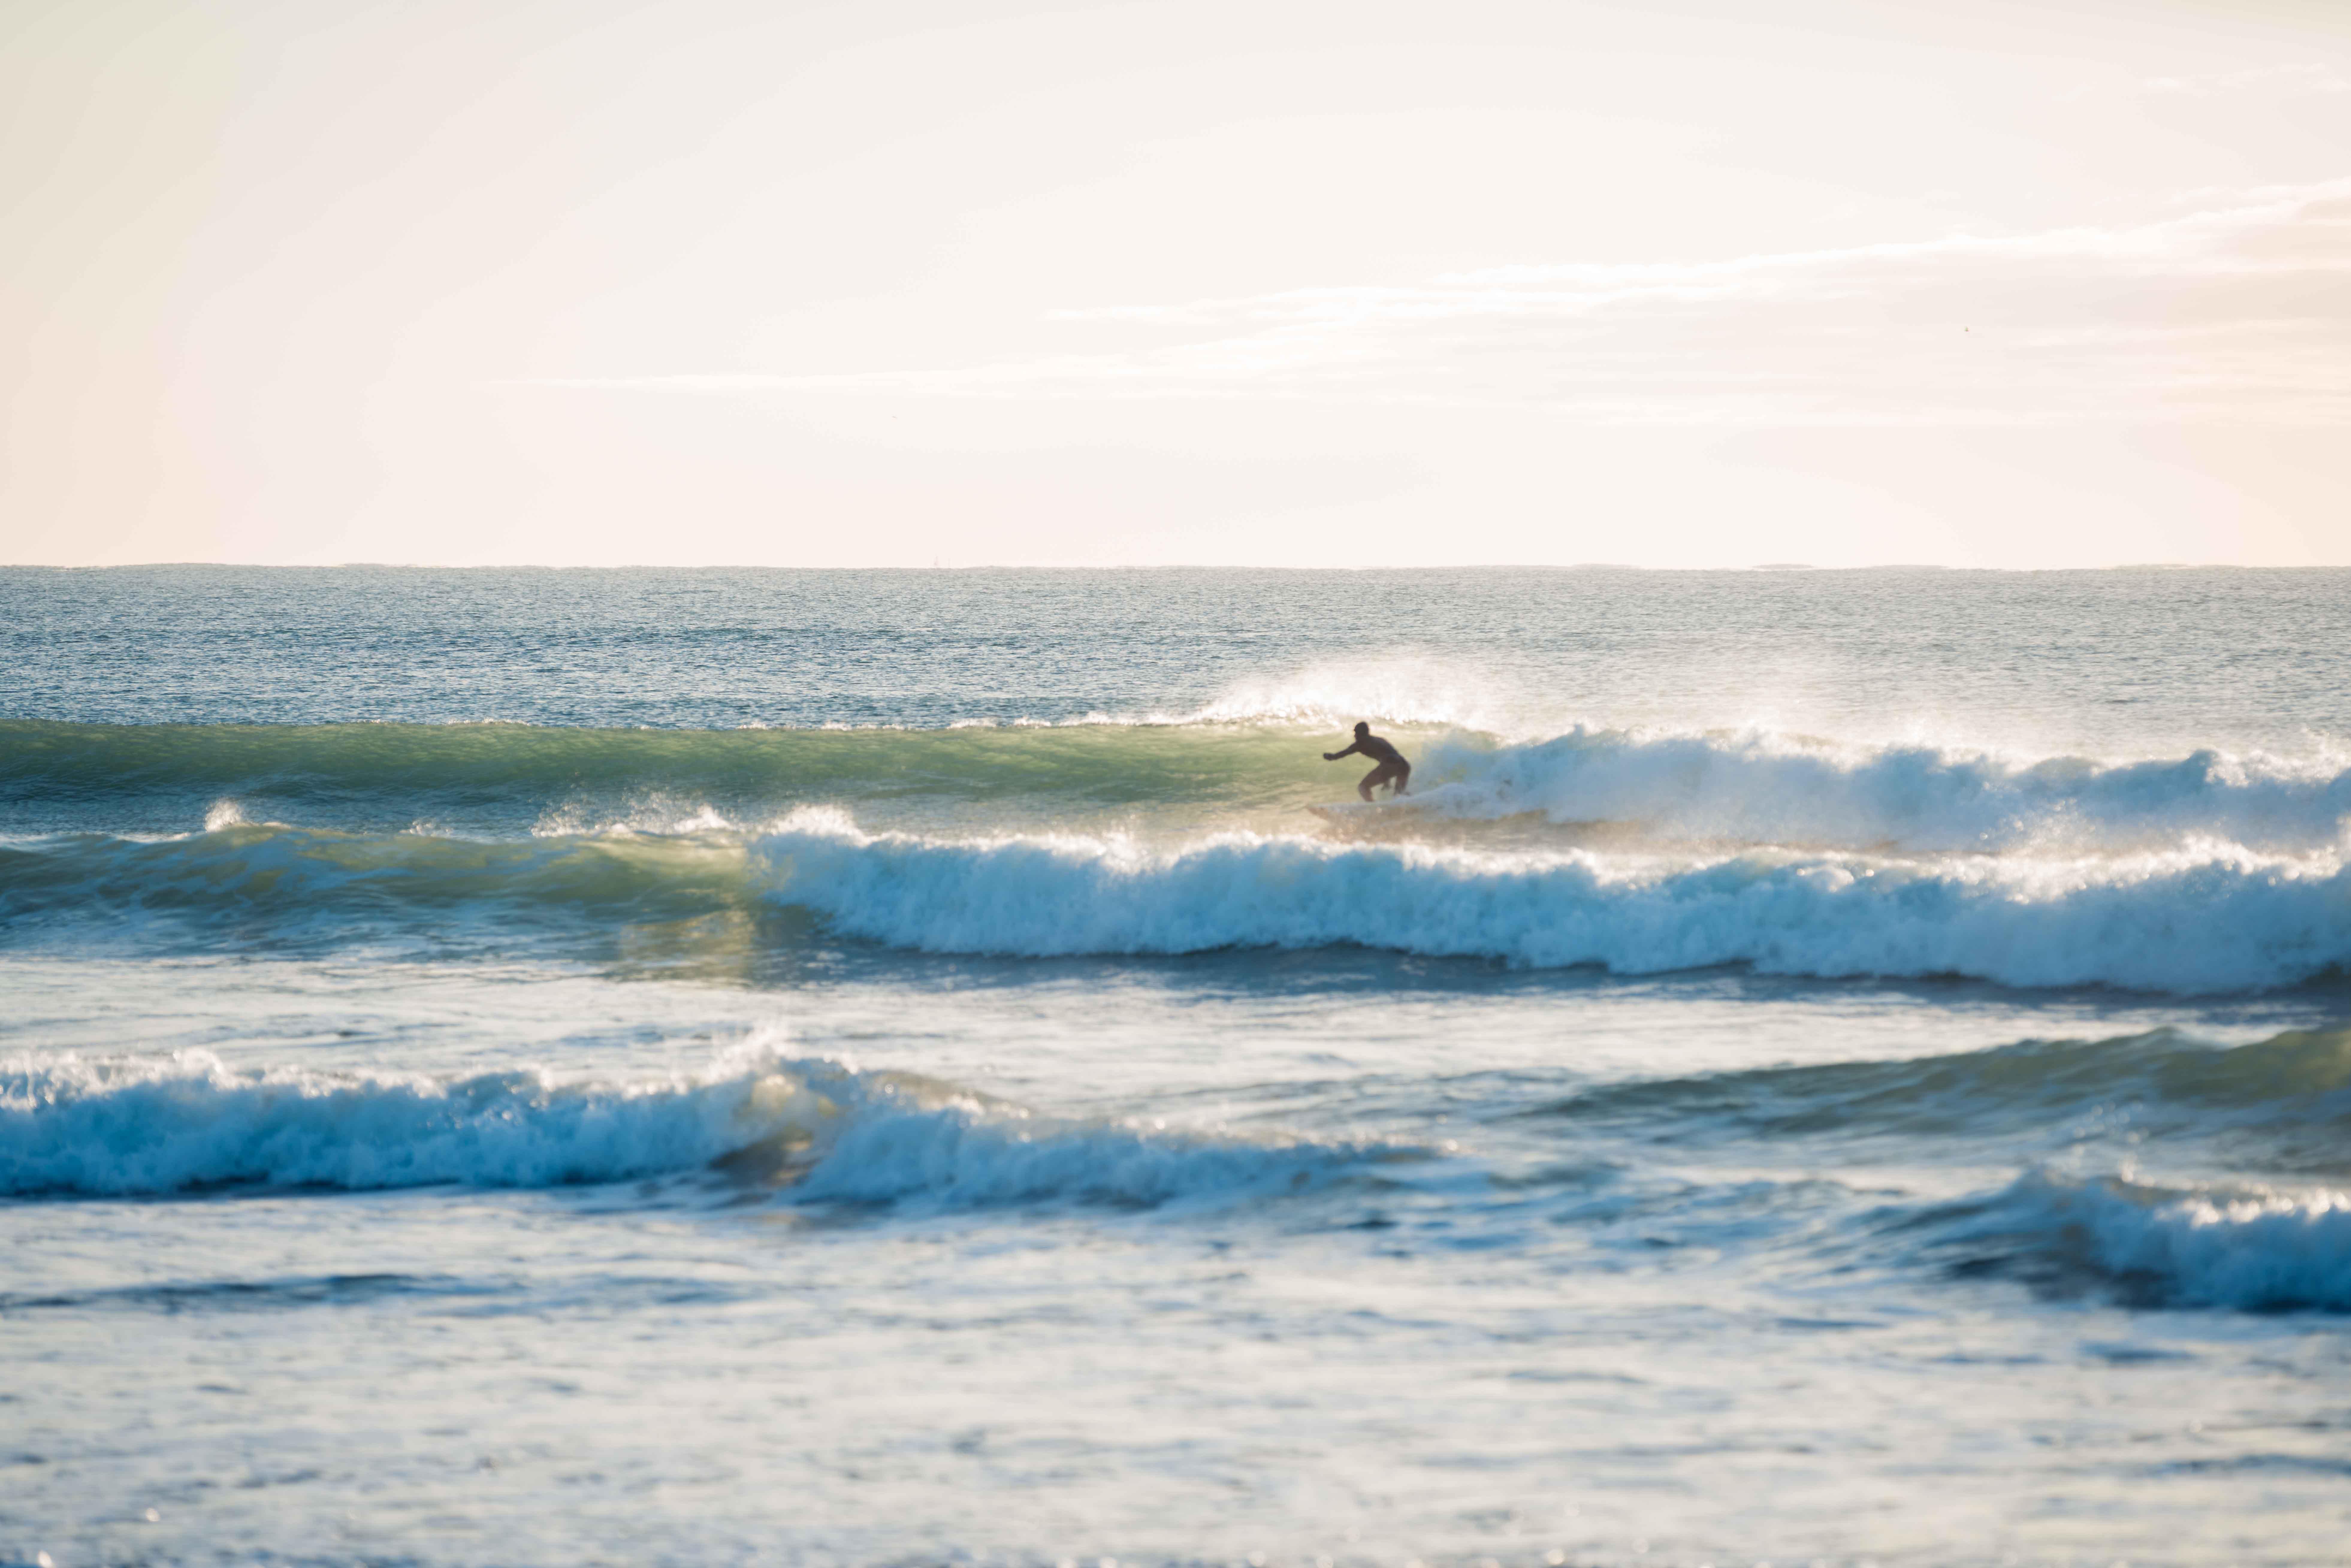 Island Surftrip Reisen Urlaub Wellenreiten7